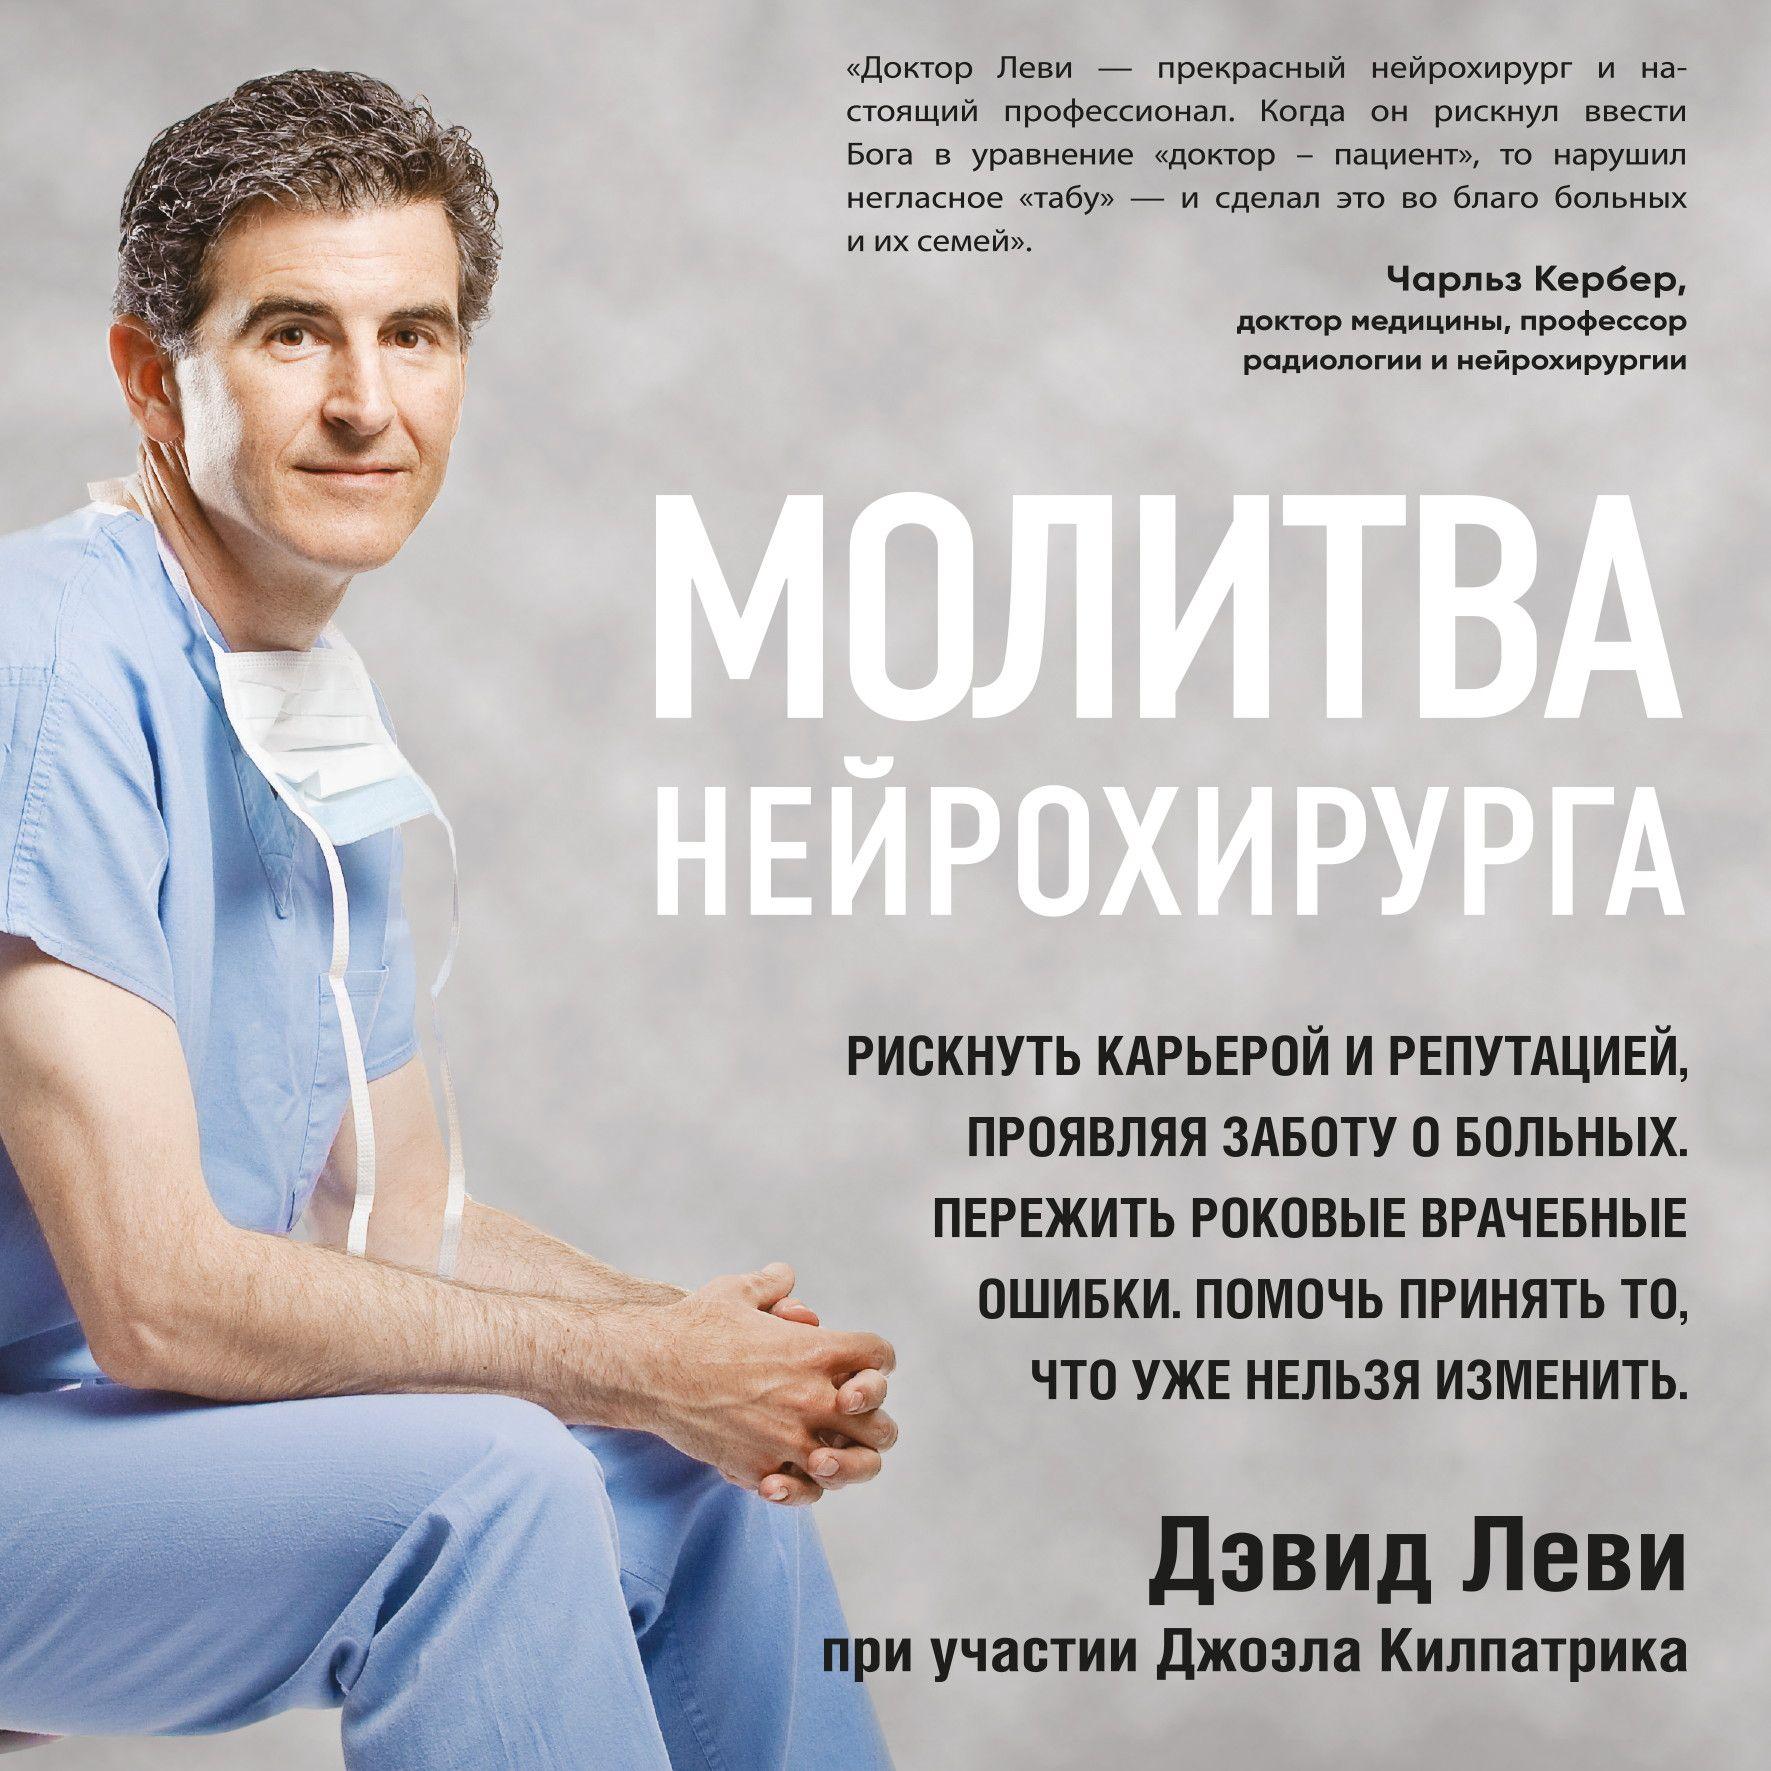 Дэвид Леви Молитва нейрохирурга